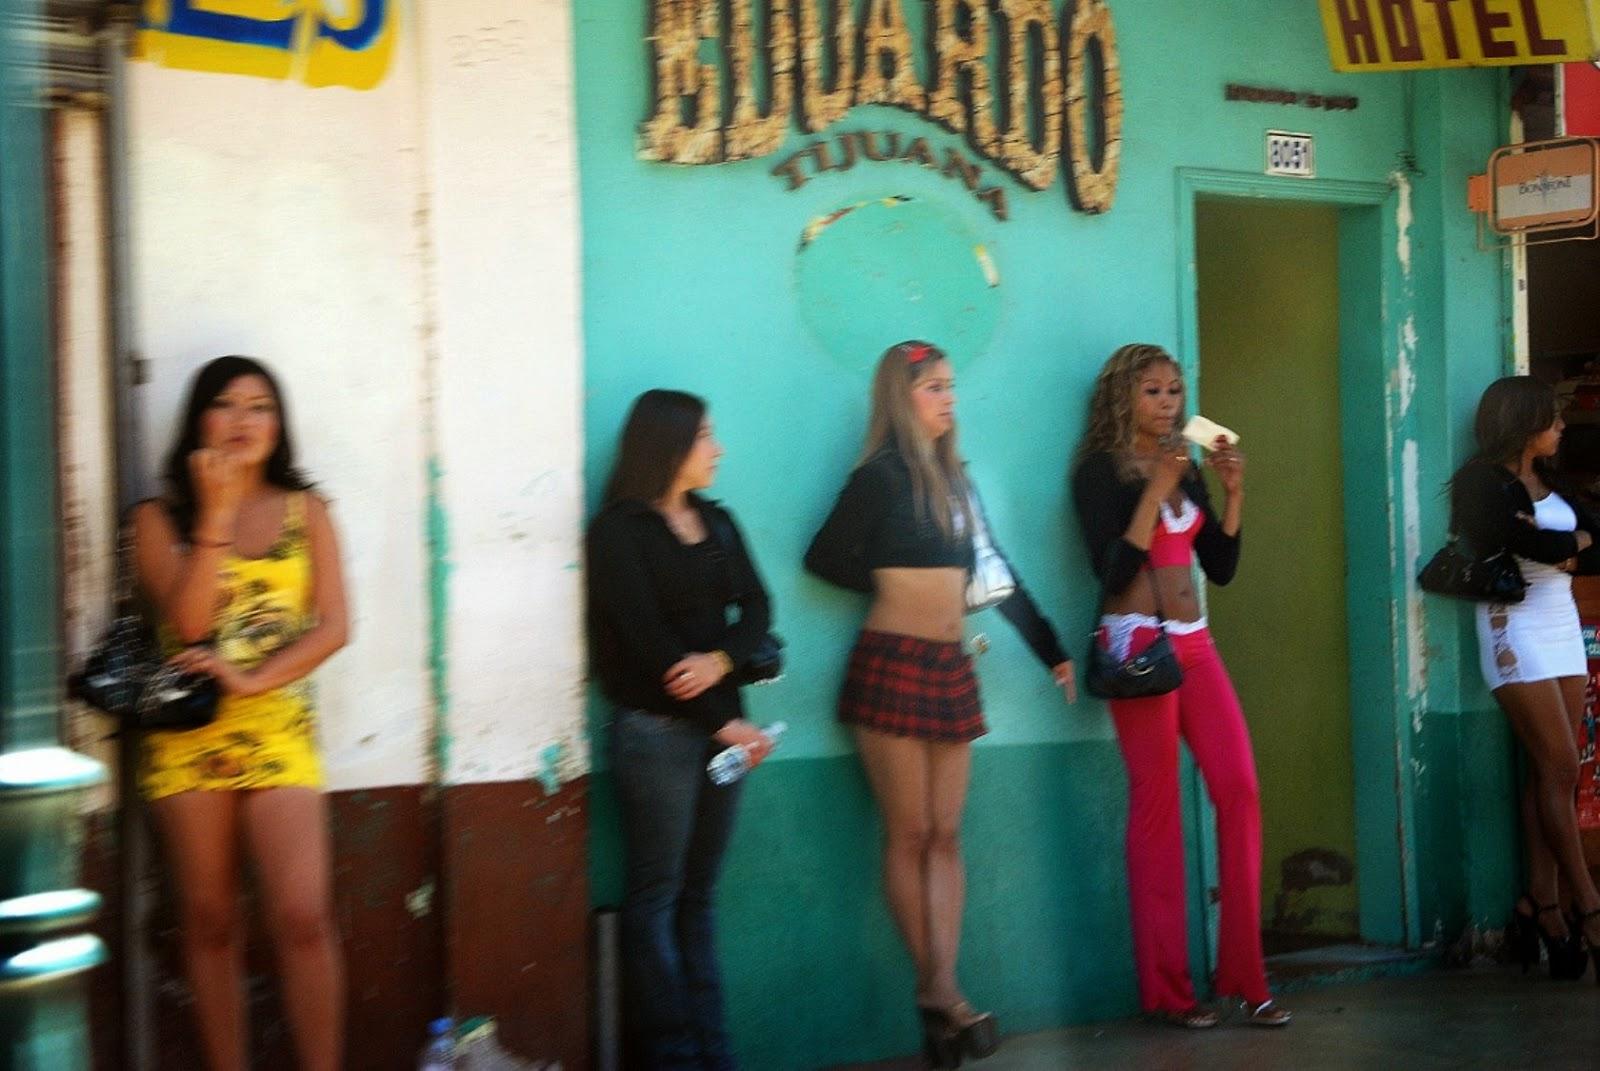 pinturas prostitutas juegos de vestir a prostitutas